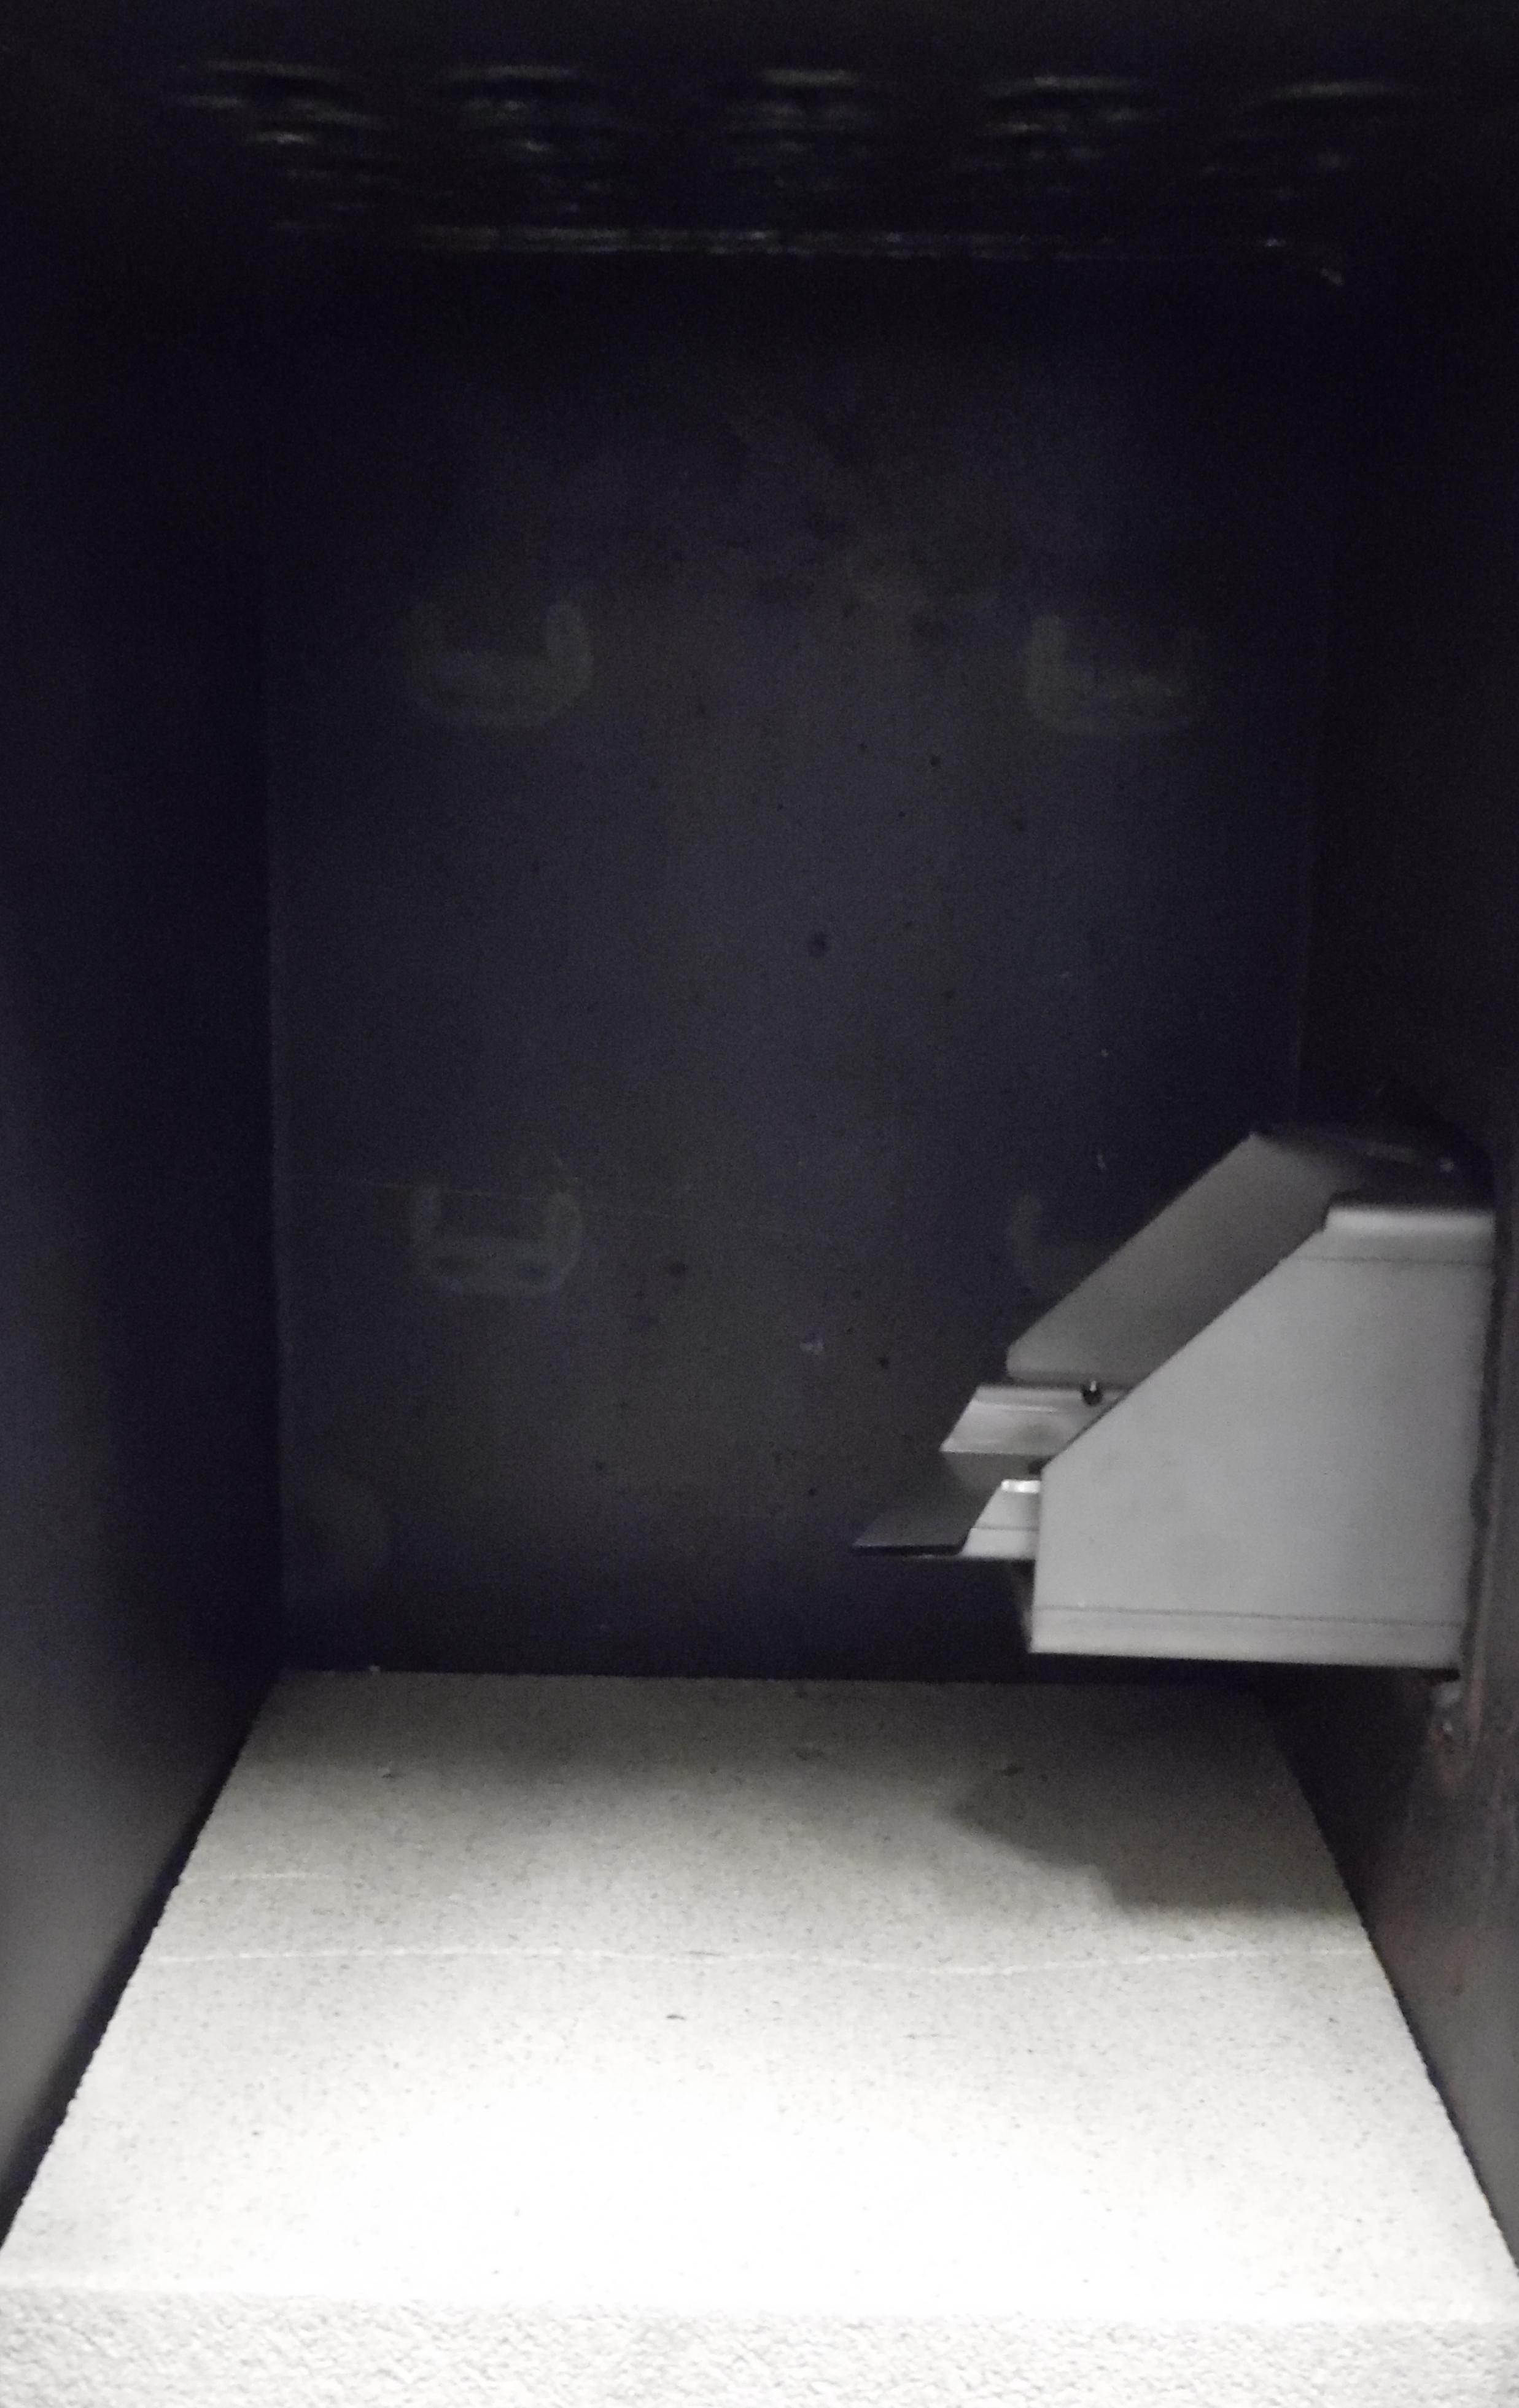 Fein Urd Aluminium Unterirdischen Draht Galerie - Schaltplan Serie ...